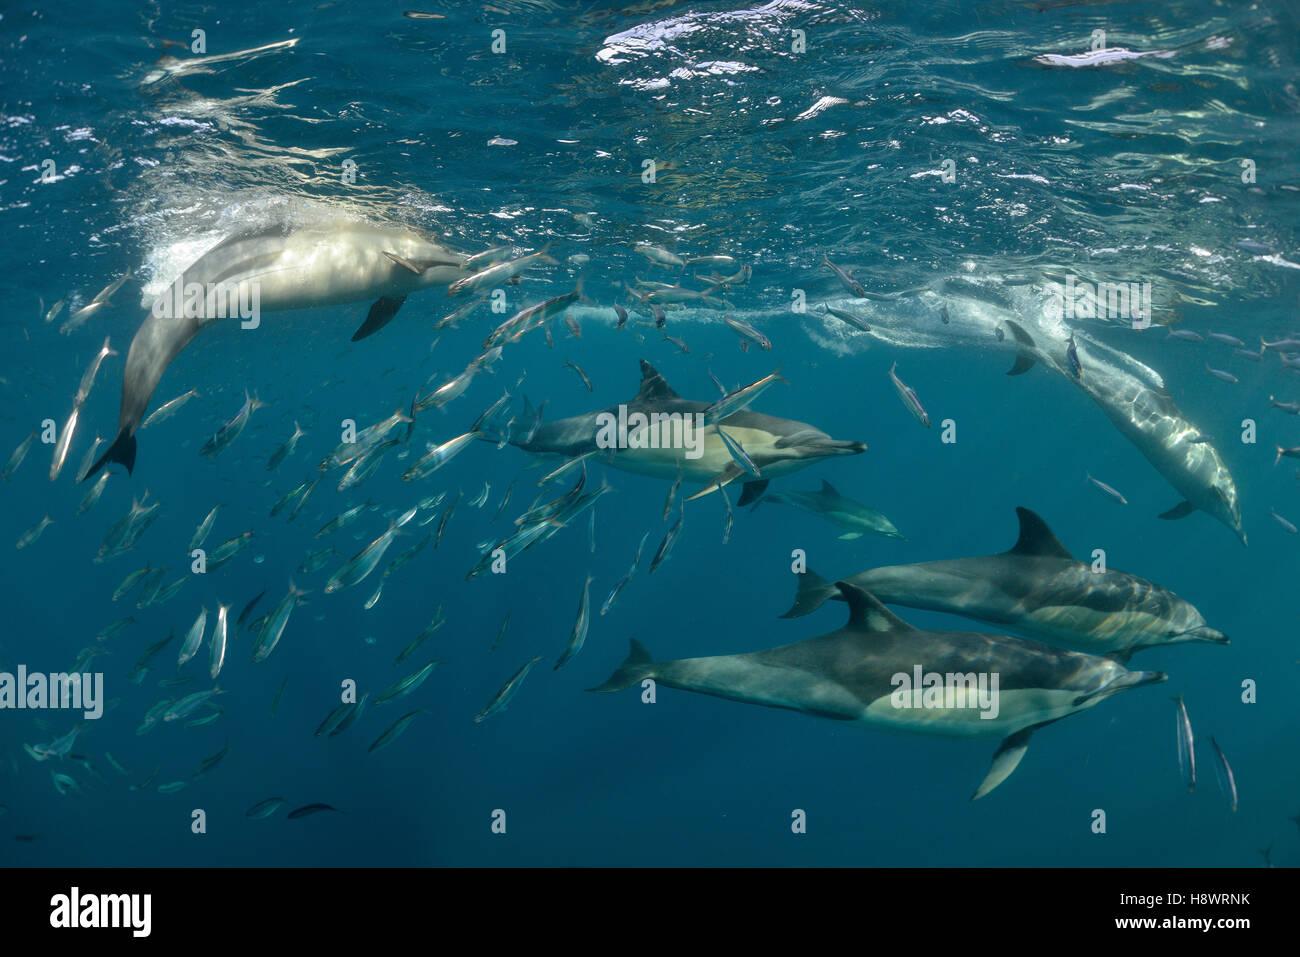 Schnabel gemeine Delfine (Delphinus Capensis) Gruppe jagen Sardinen während der Zeit der Sardine-Run - Off Port Stockfoto